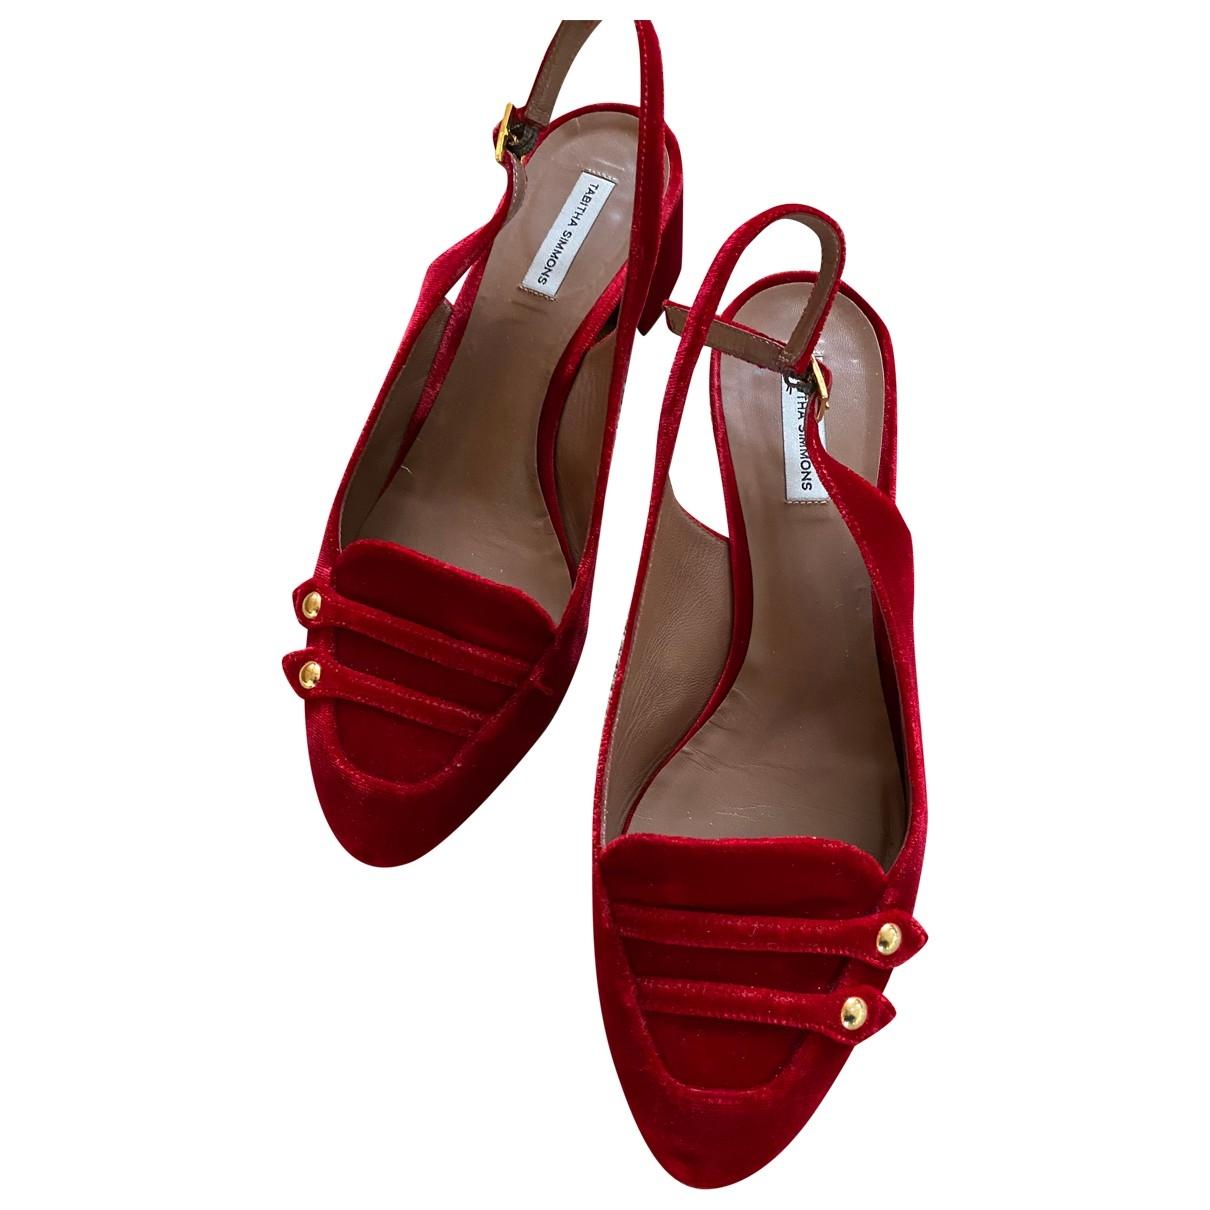 Sandalias de Terciopelo Tabitha Simmons